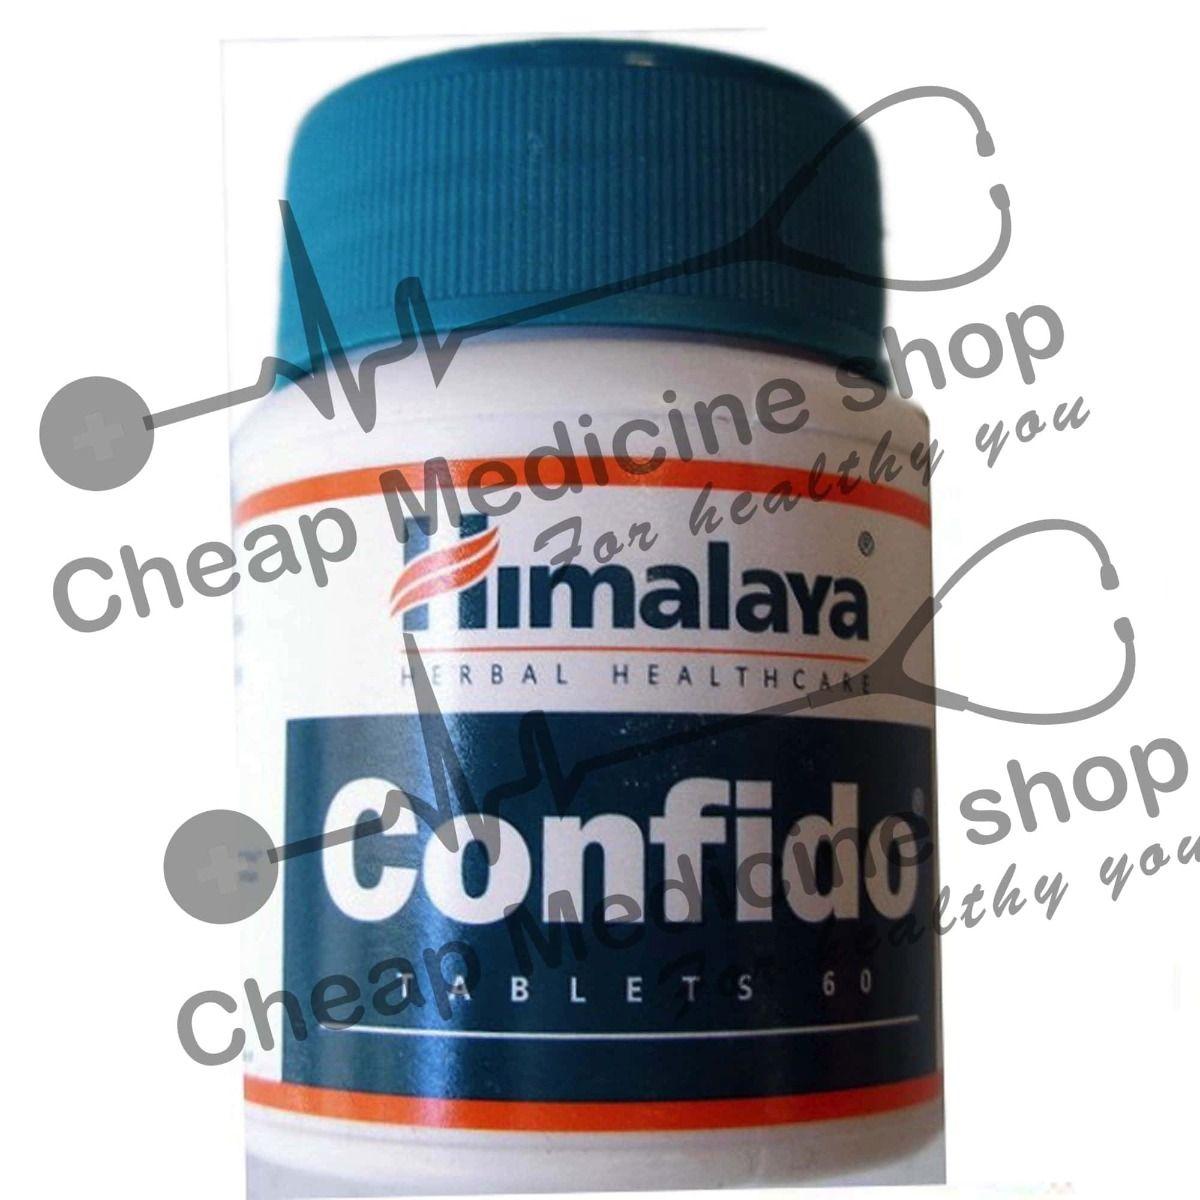 Confido himalaya medicine for sexual health